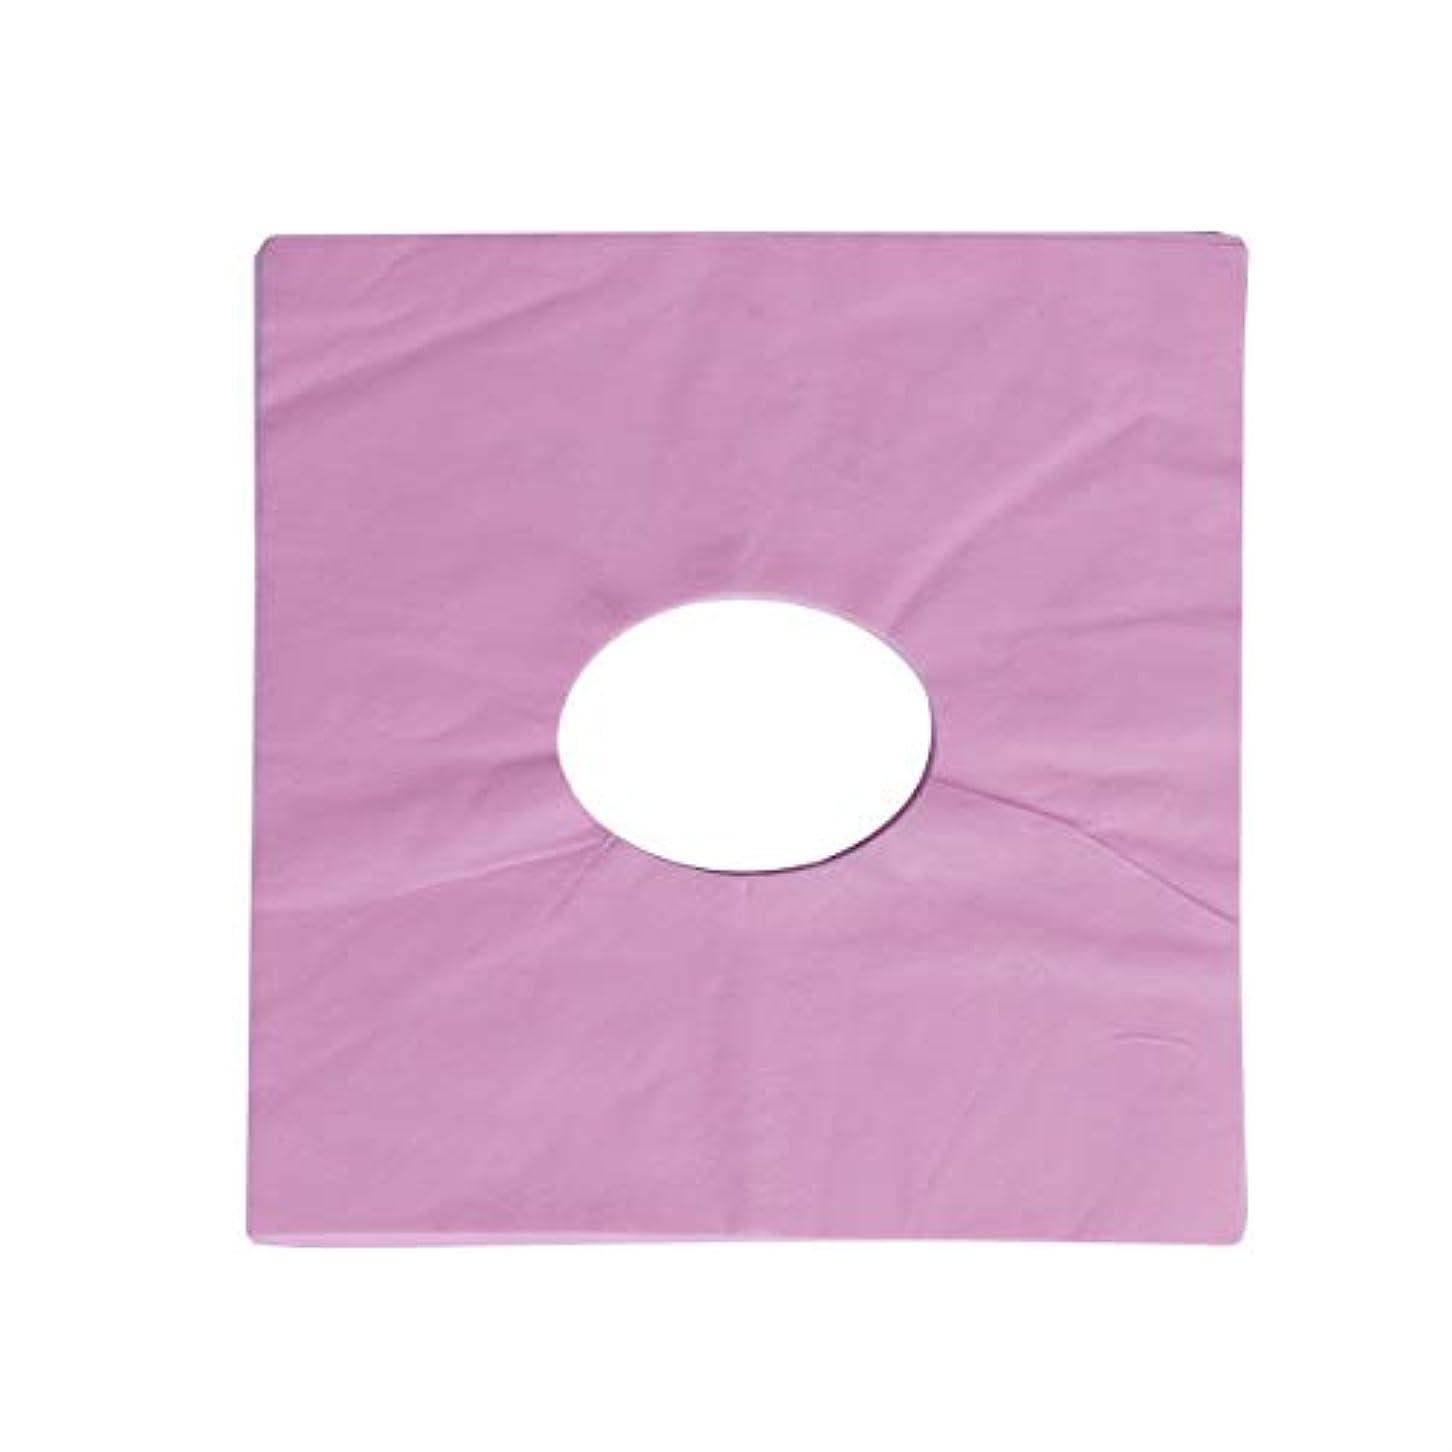 倍増路地色合いSUPVOX 100ピース使い捨てマッサージフェイスクレードルカバーフェイスマッサージヘッドレストカバー用スパ美容院マッサージ(ピンク)